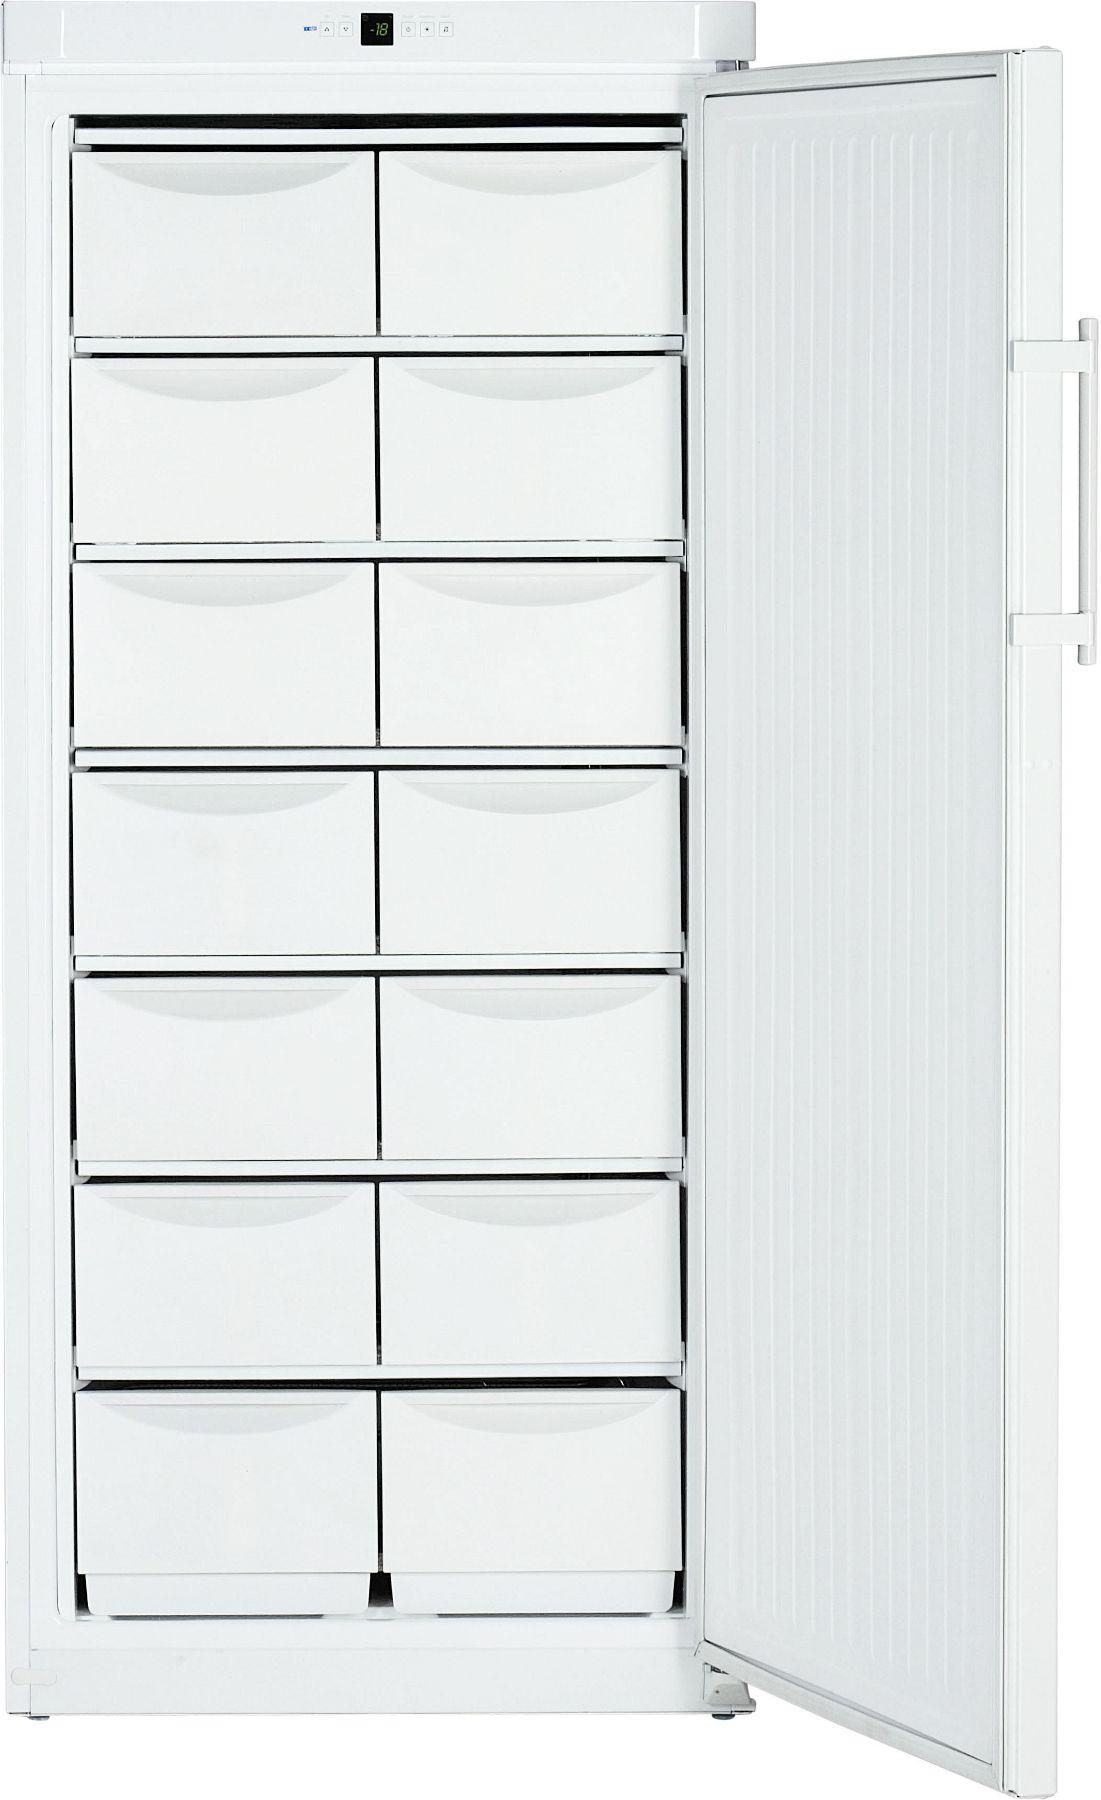 Congelateur armoire froid ventile - Congelateur armoire froid ventile liebherr ...